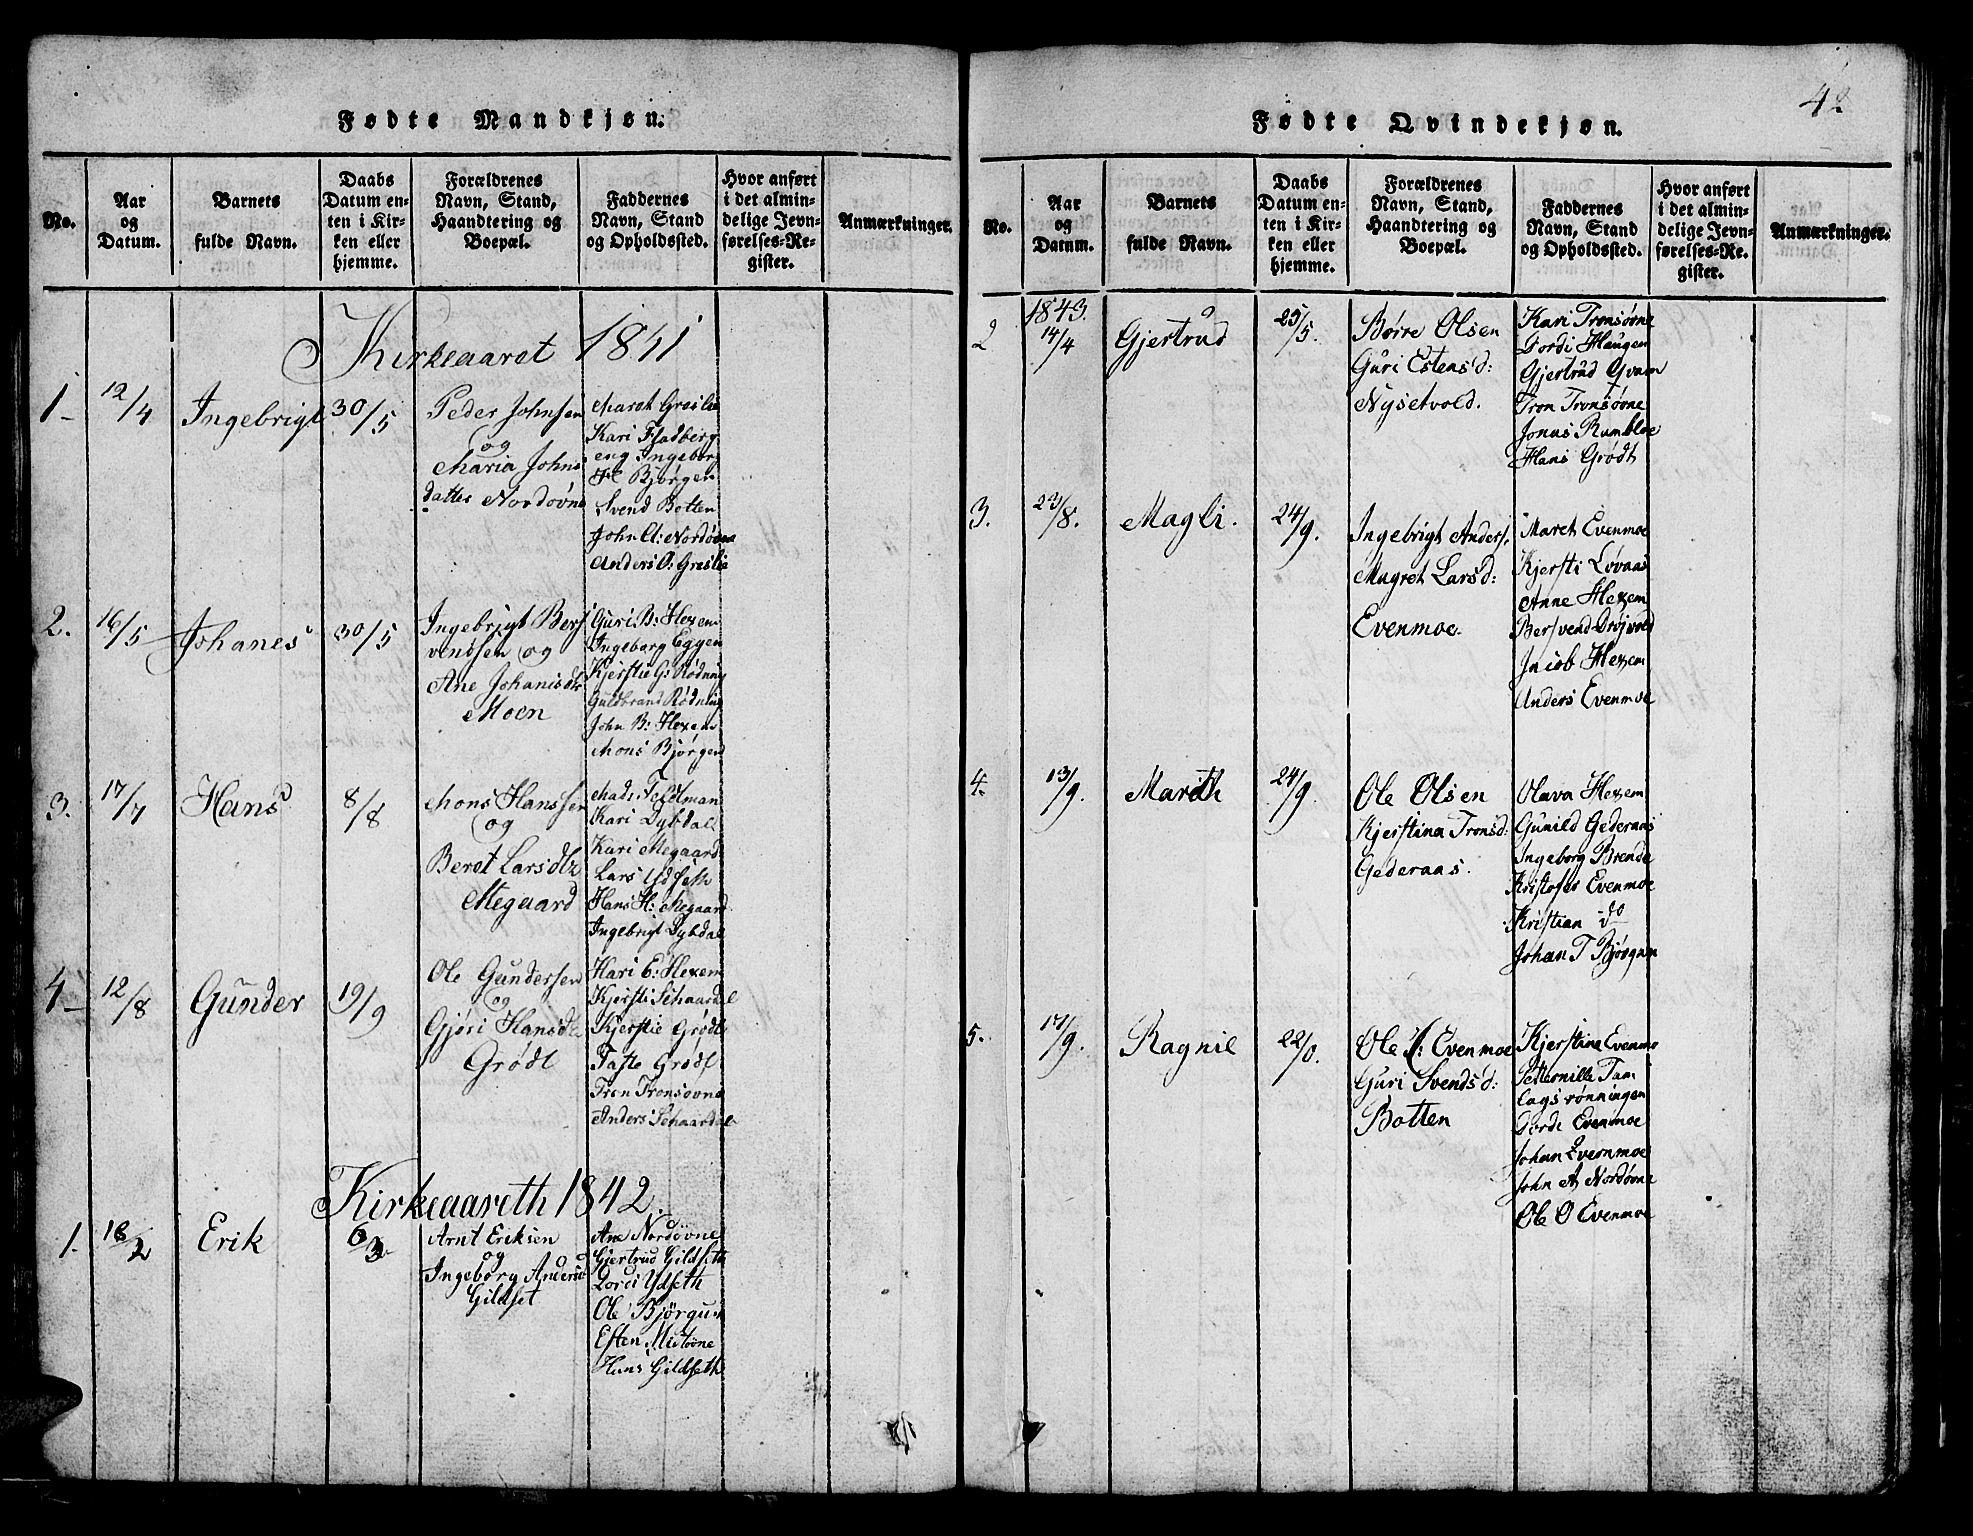 SAT, Ministerialprotokoller, klokkerbøker og fødselsregistre - Sør-Trøndelag, 685/L0976: Klokkerbok nr. 685C01, 1817-1878, s. 42